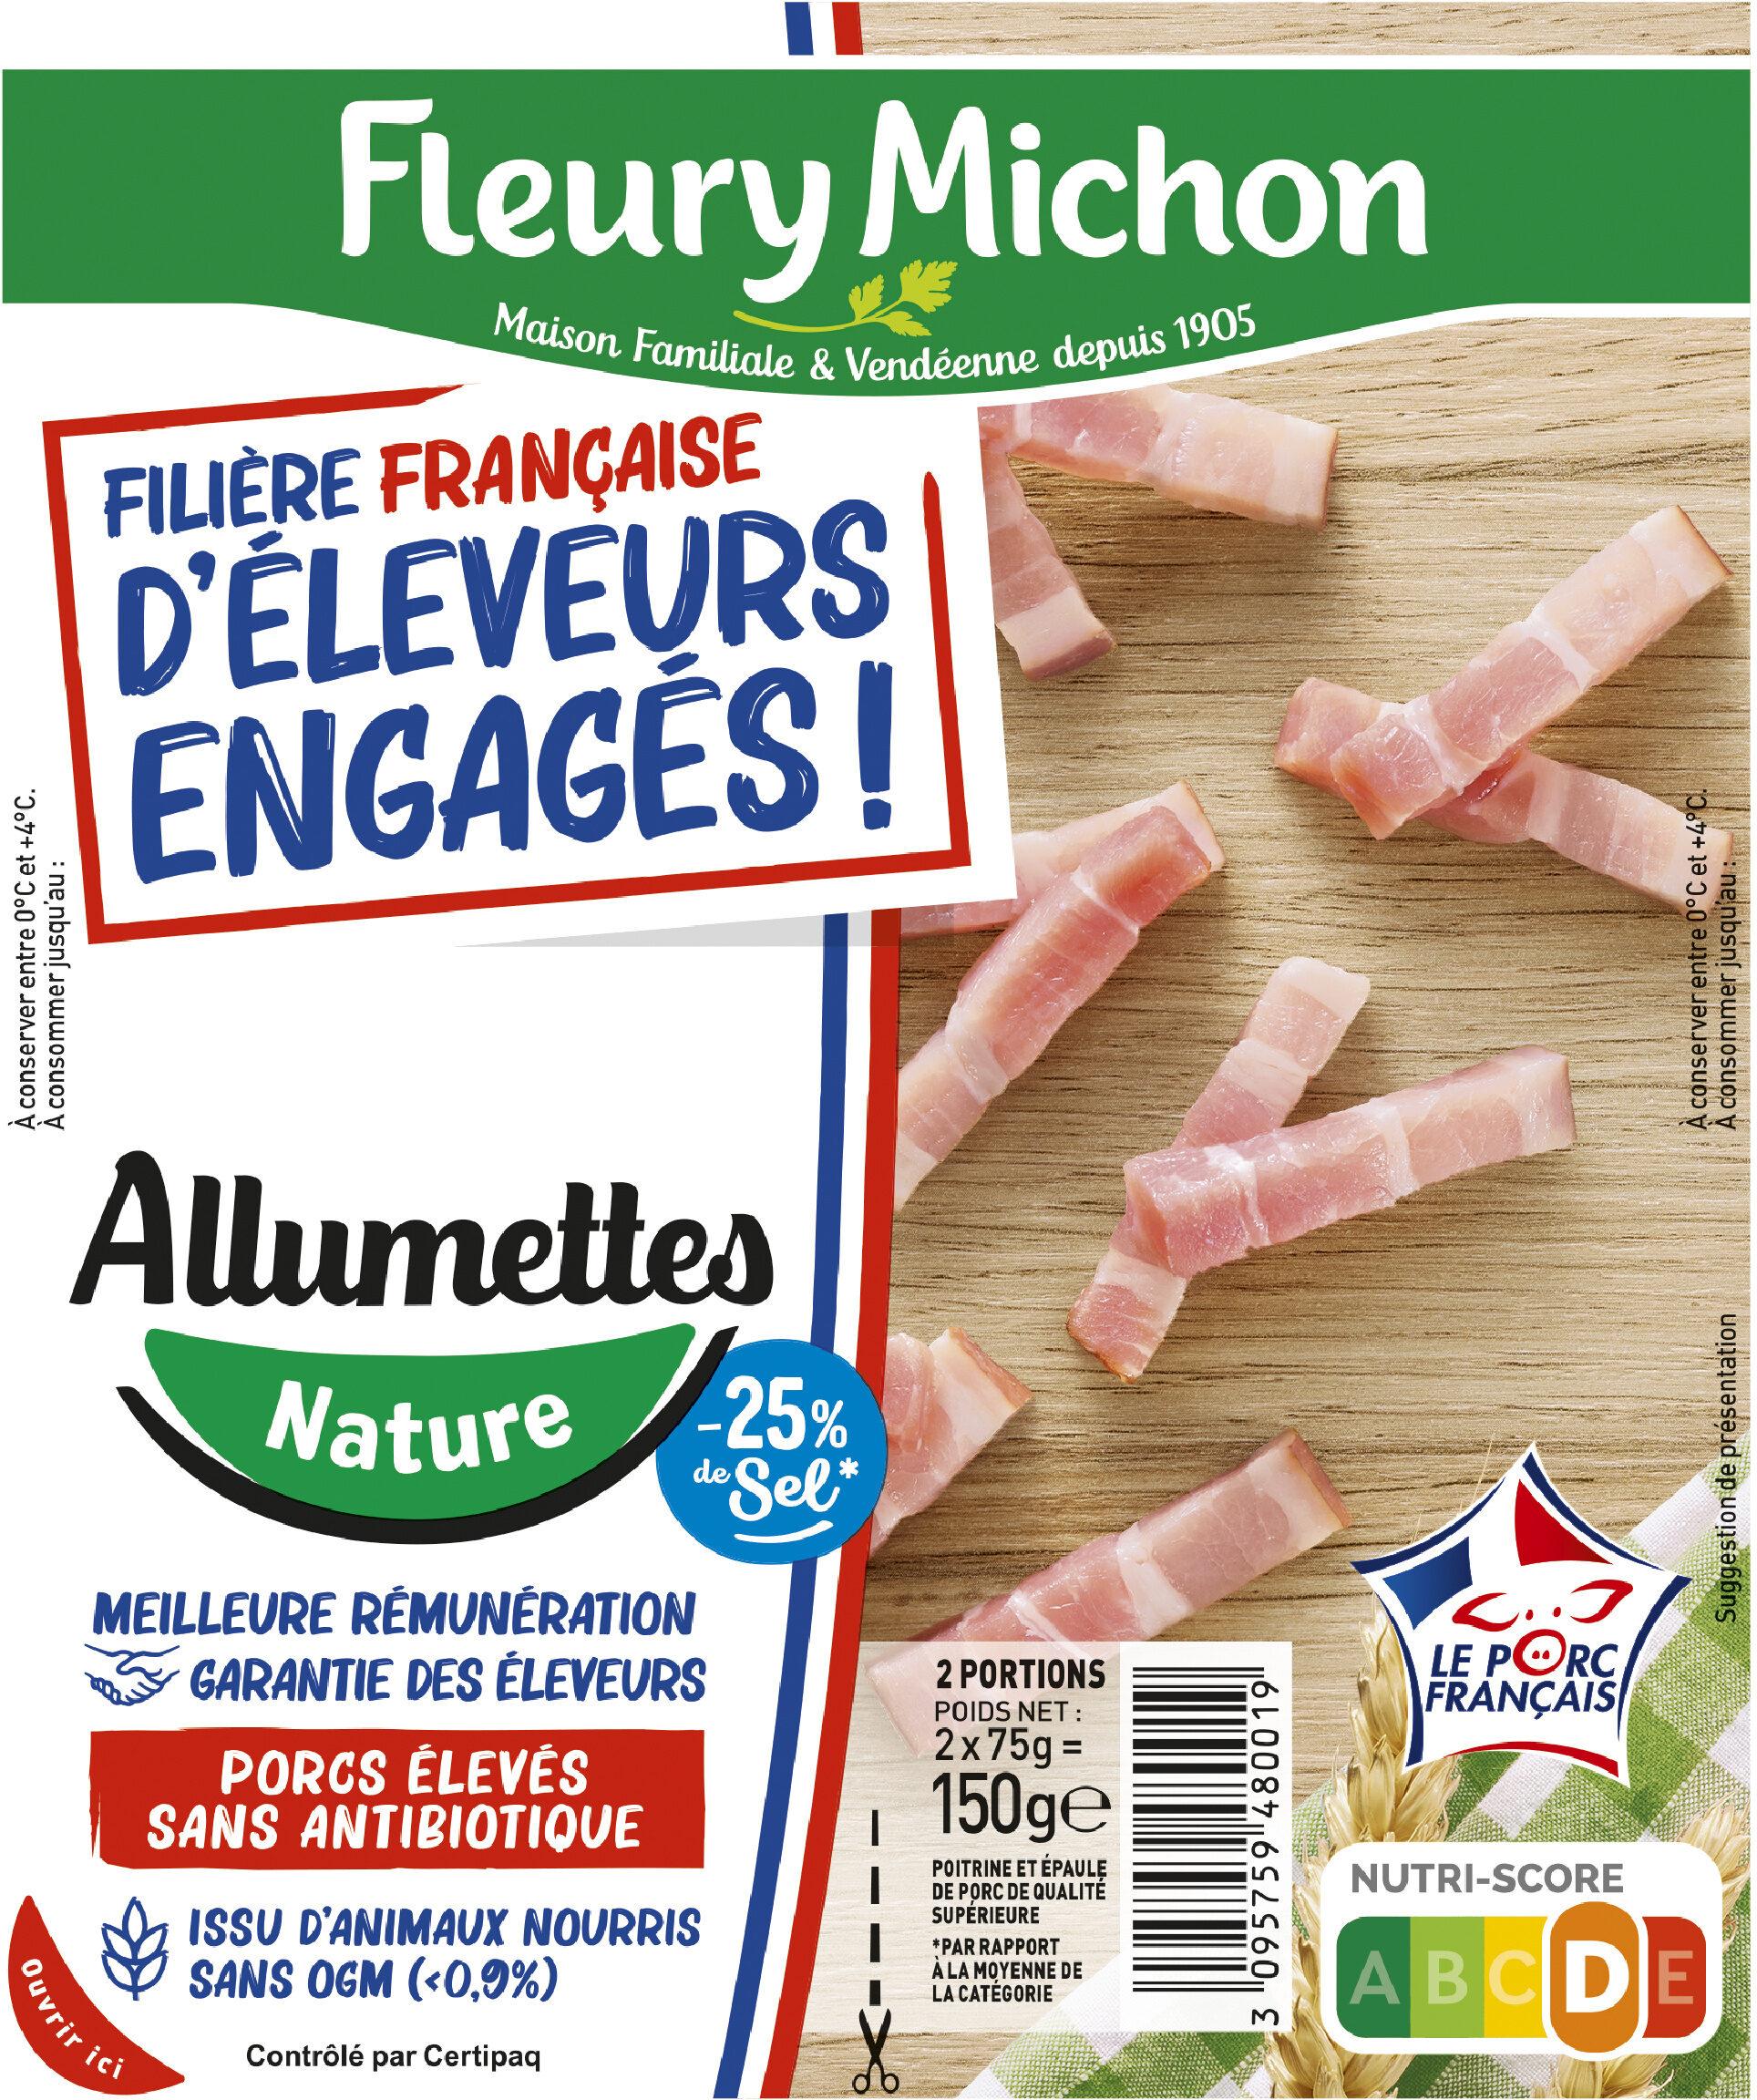 Allumettes - Nature -25% de sel* - FILIERE FRANCAISE D'ELEVEURS ENGAGES - Product - fr